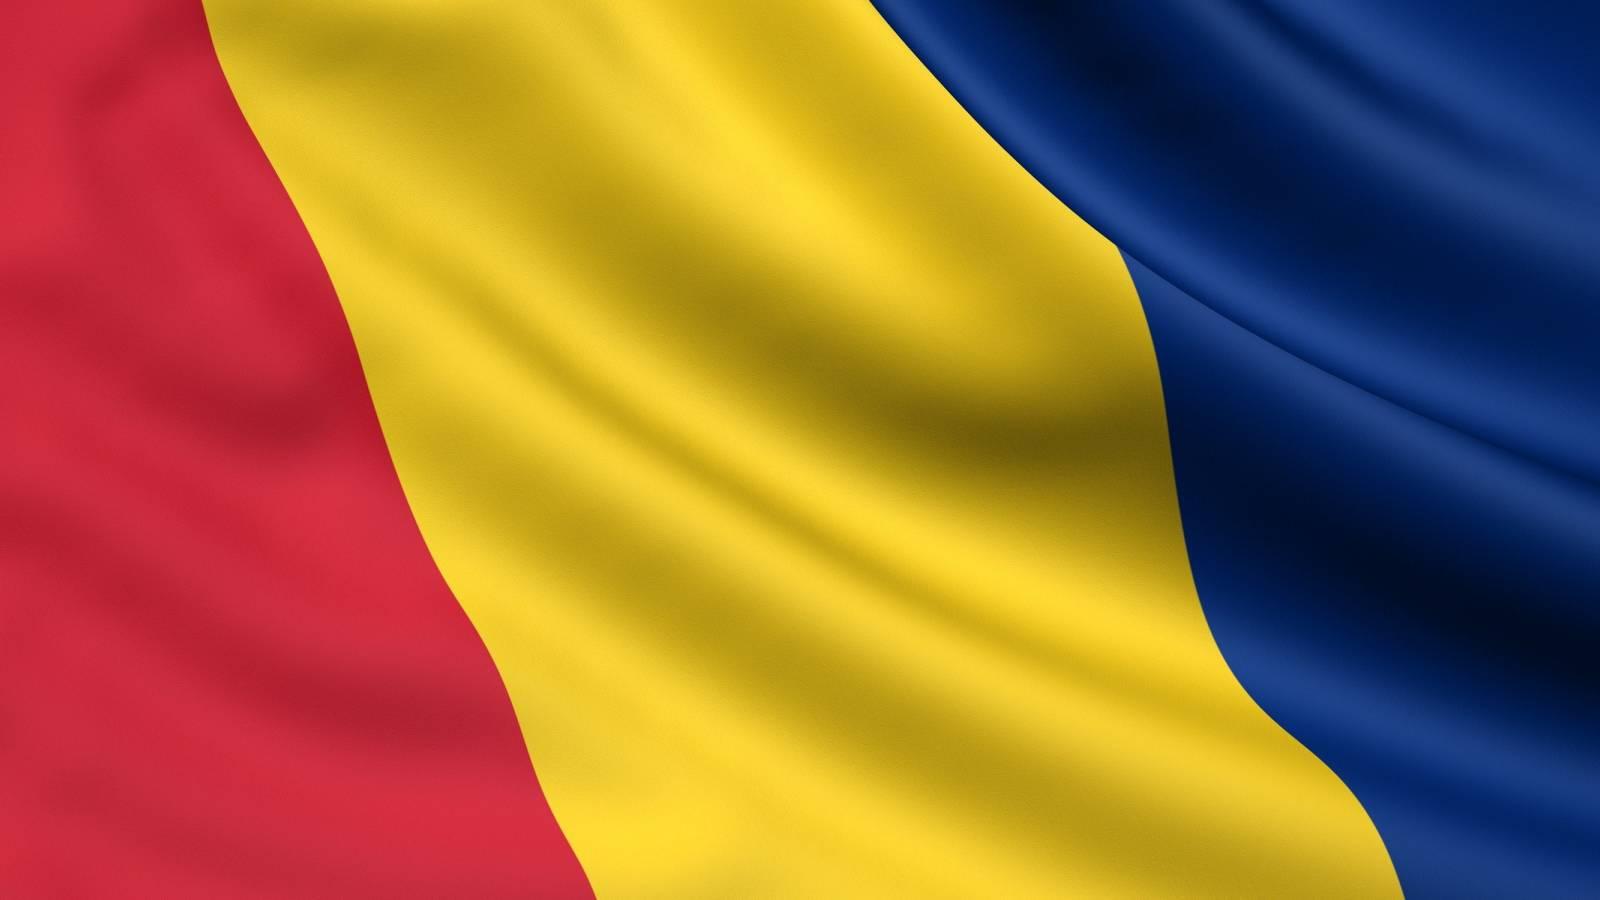 Romania 5.17 Milioane Oameni Vaccinati Impotriva Coronavirus